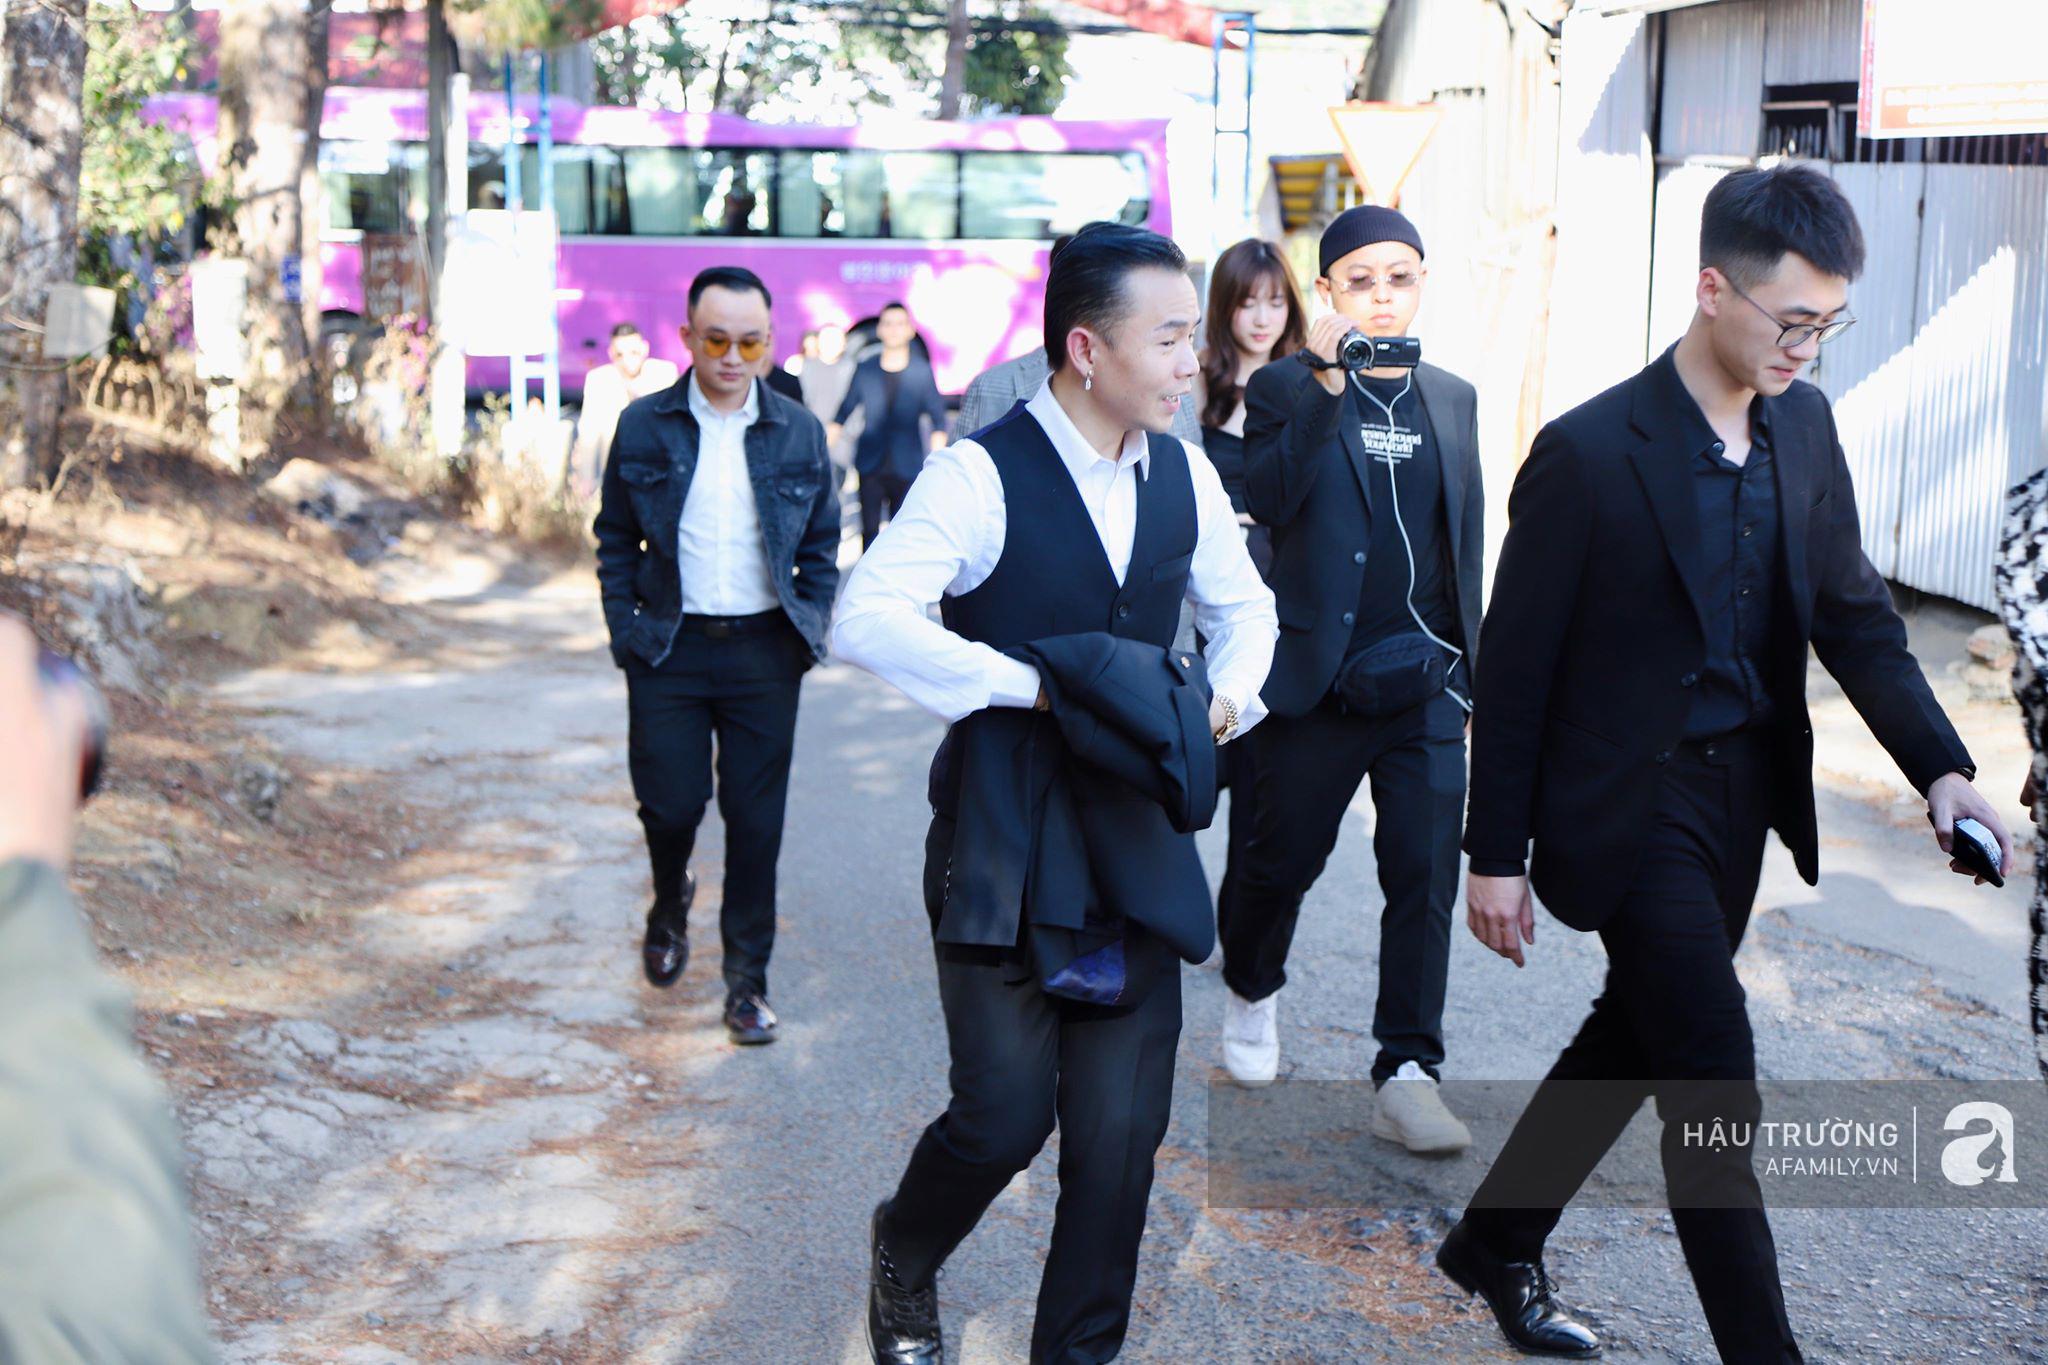 Tiệc cưới chính thức của Tóc Tiên và Hoàng Touliver: Kelbin, Tiên Tiên cùng nhiều nghệ sĩ váy áo lộng lẫy bí mật xuất hiện - Ảnh 9.